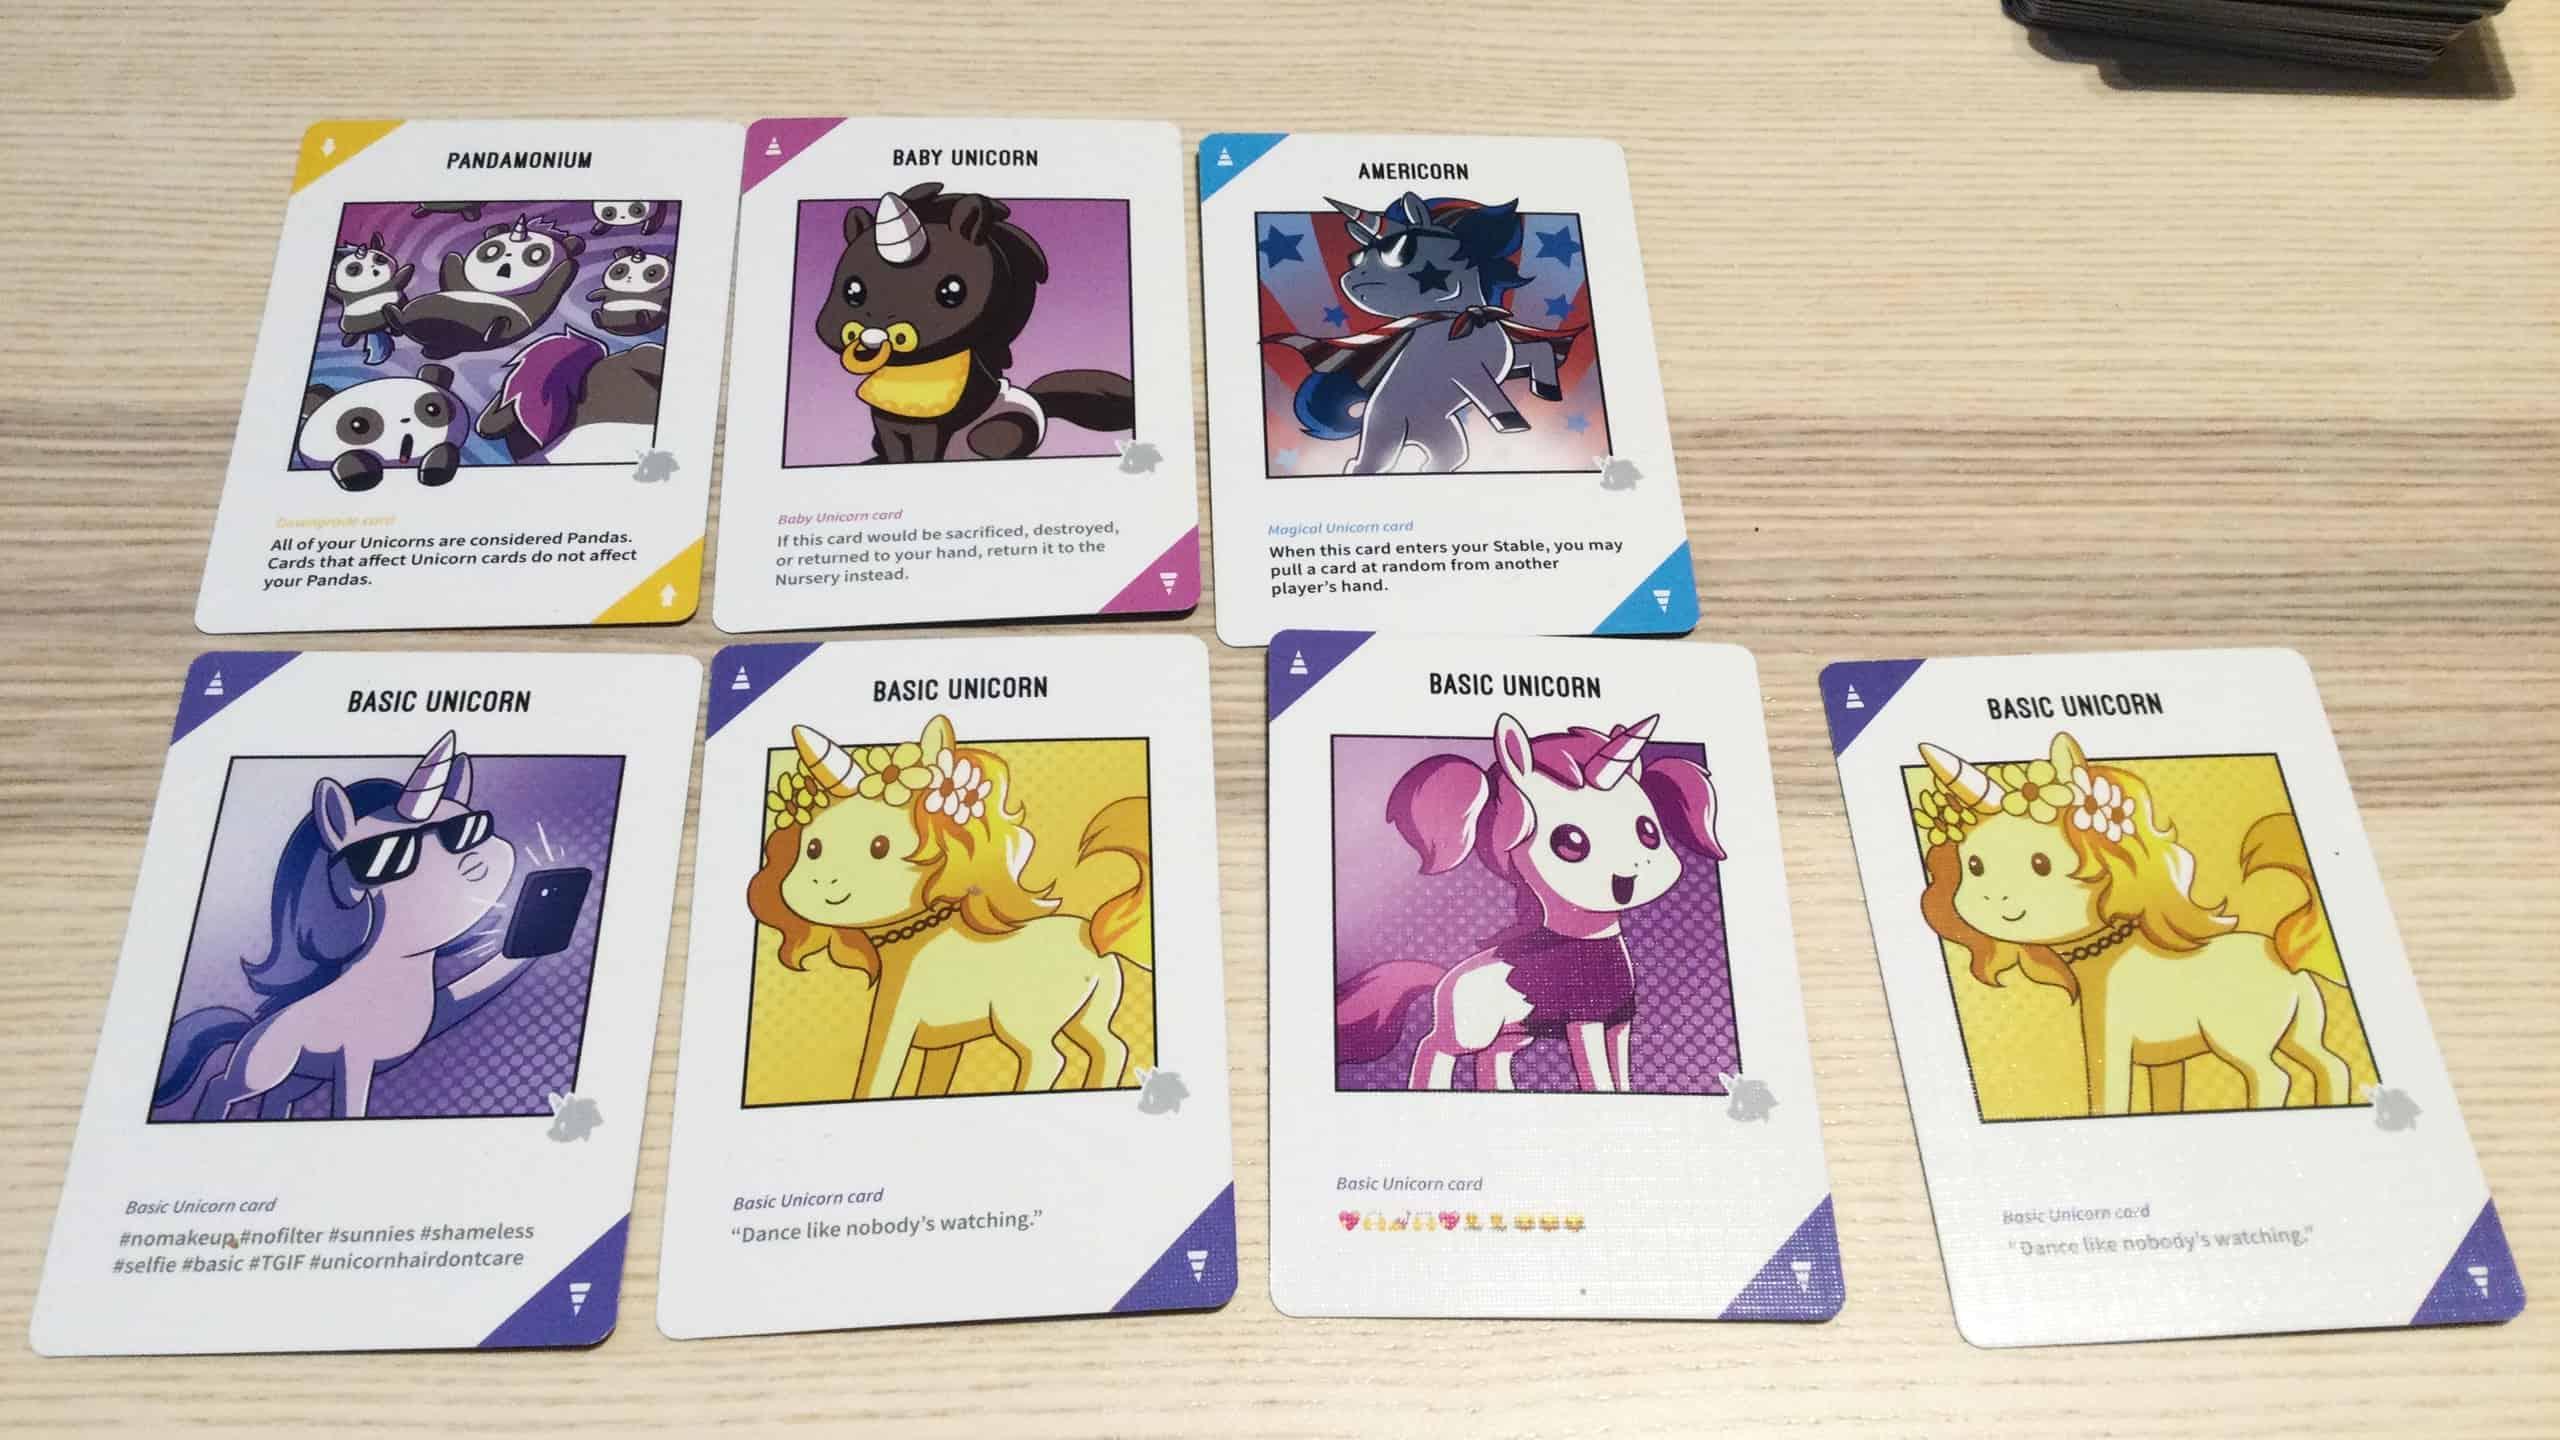 Yksisarviskortteja ja Pandamonium-haittakortti.